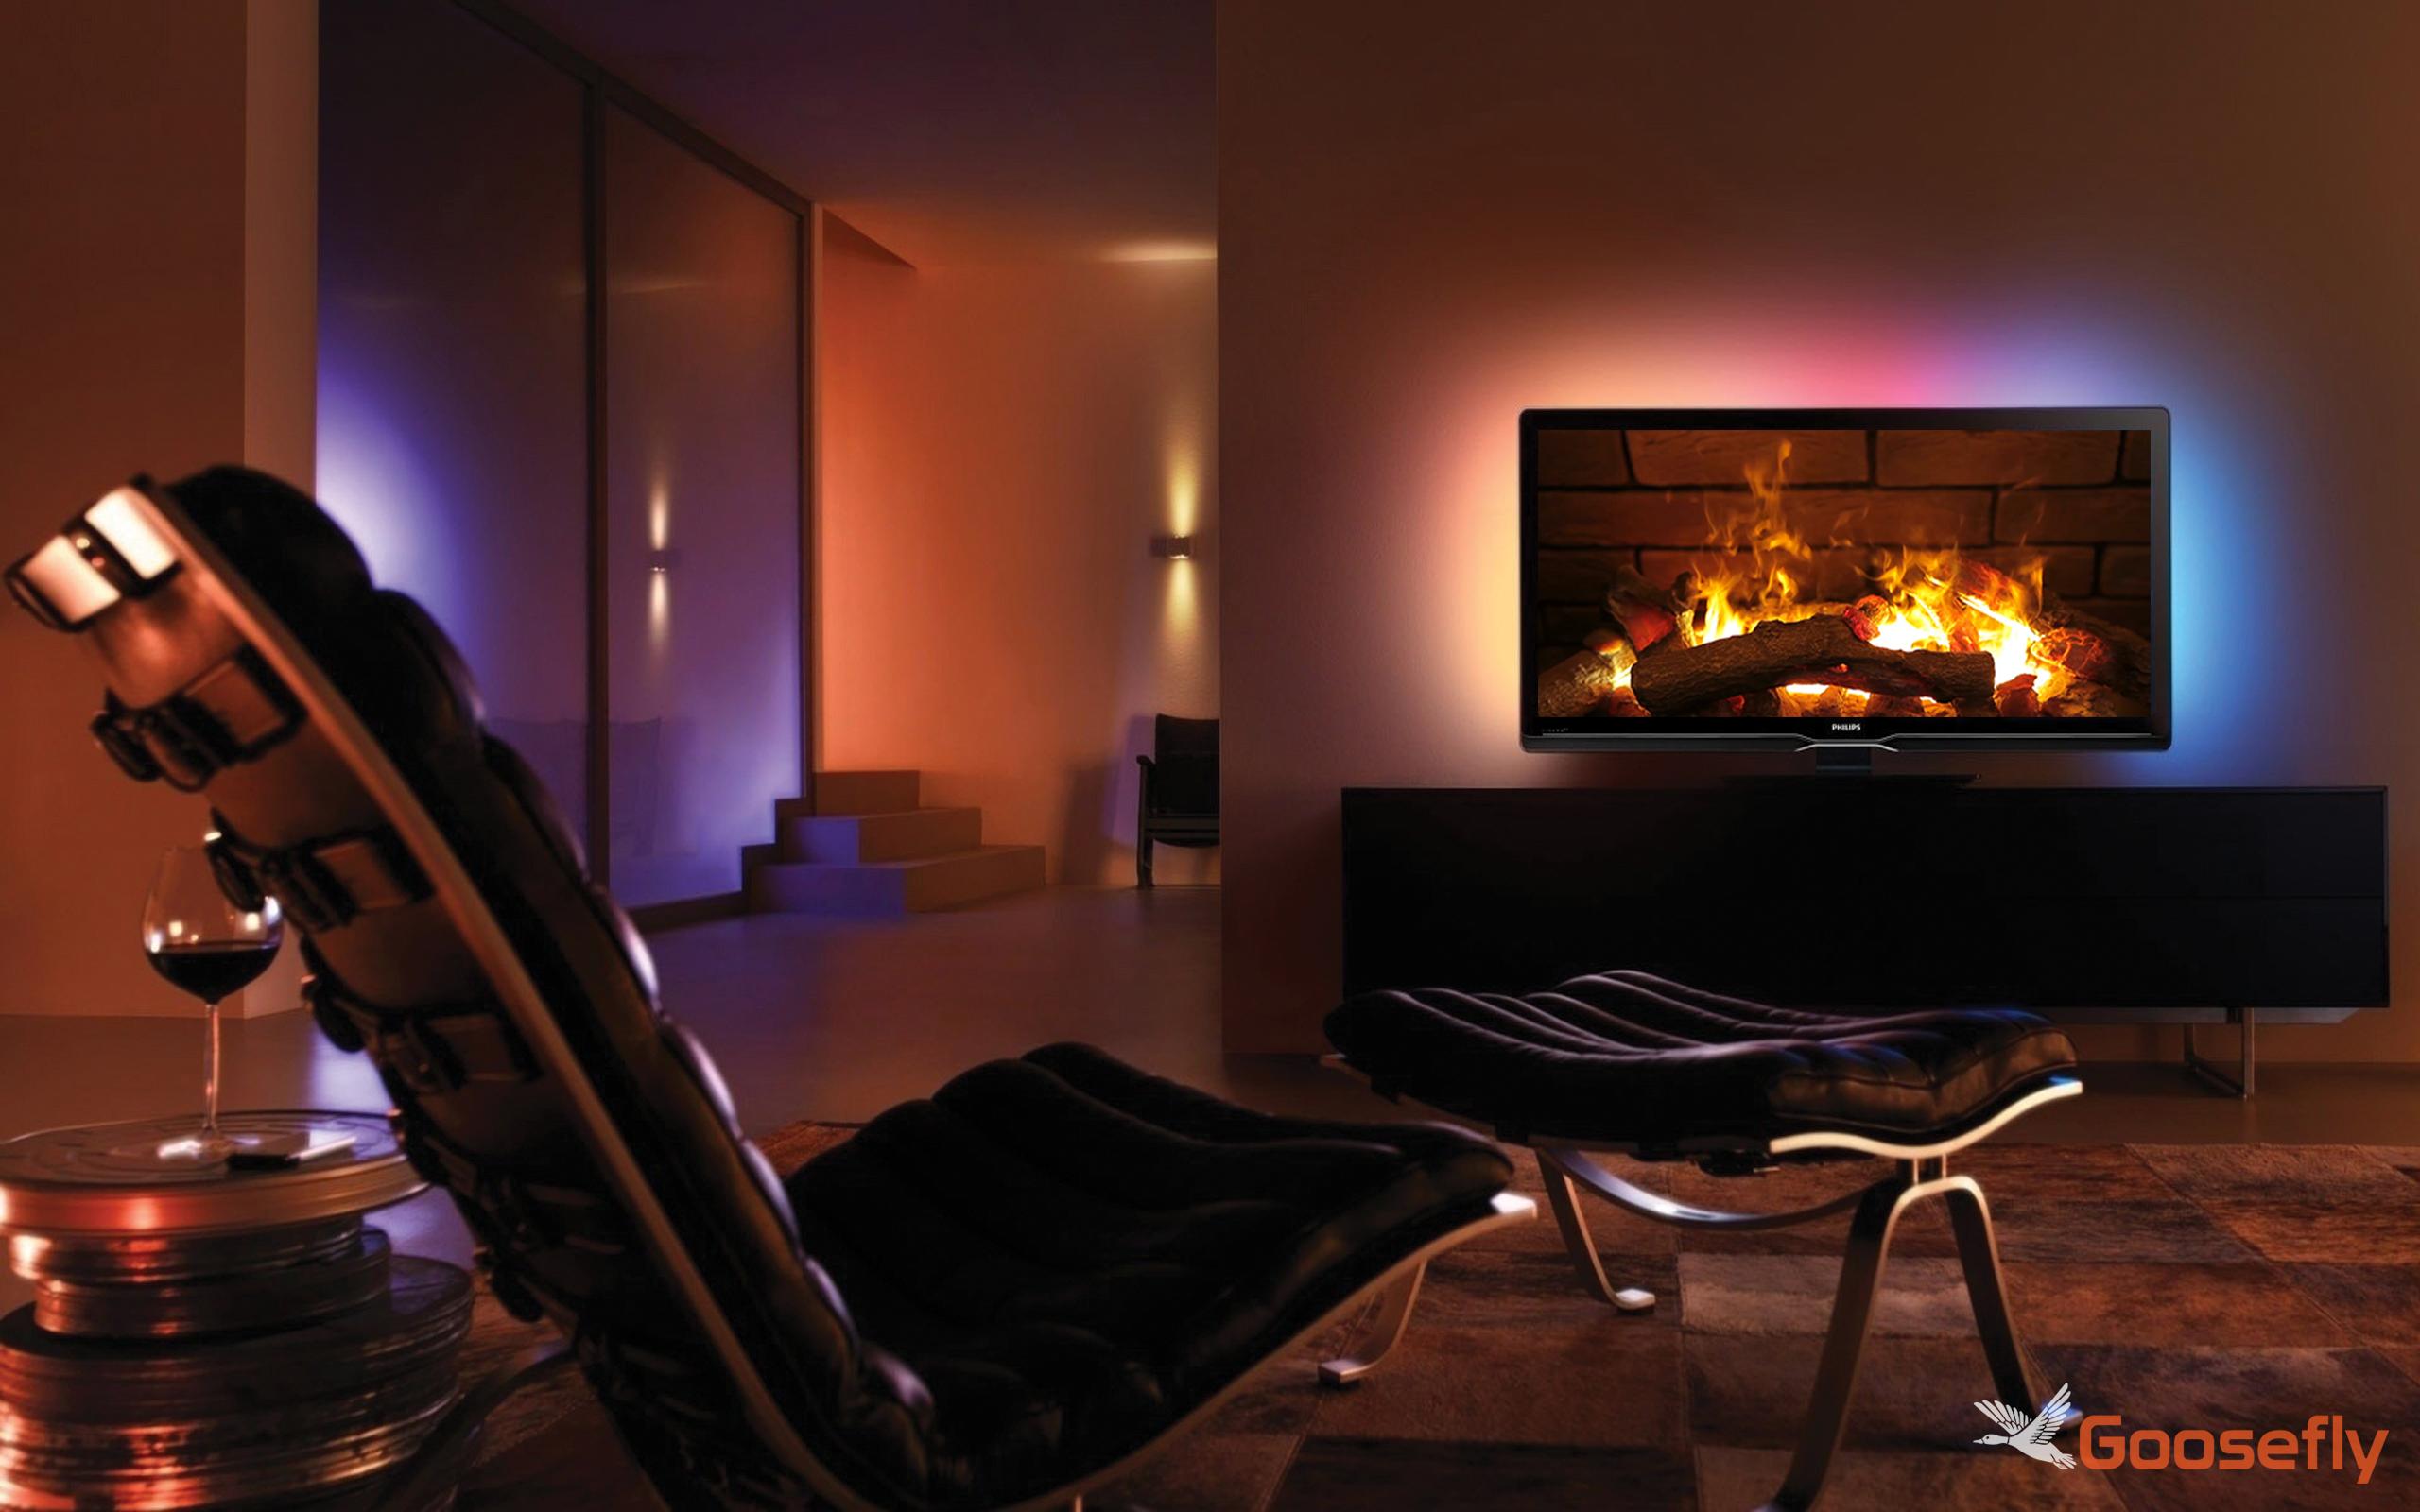 ambiente de chimenea HD gratis: disfrute de las vacaciones